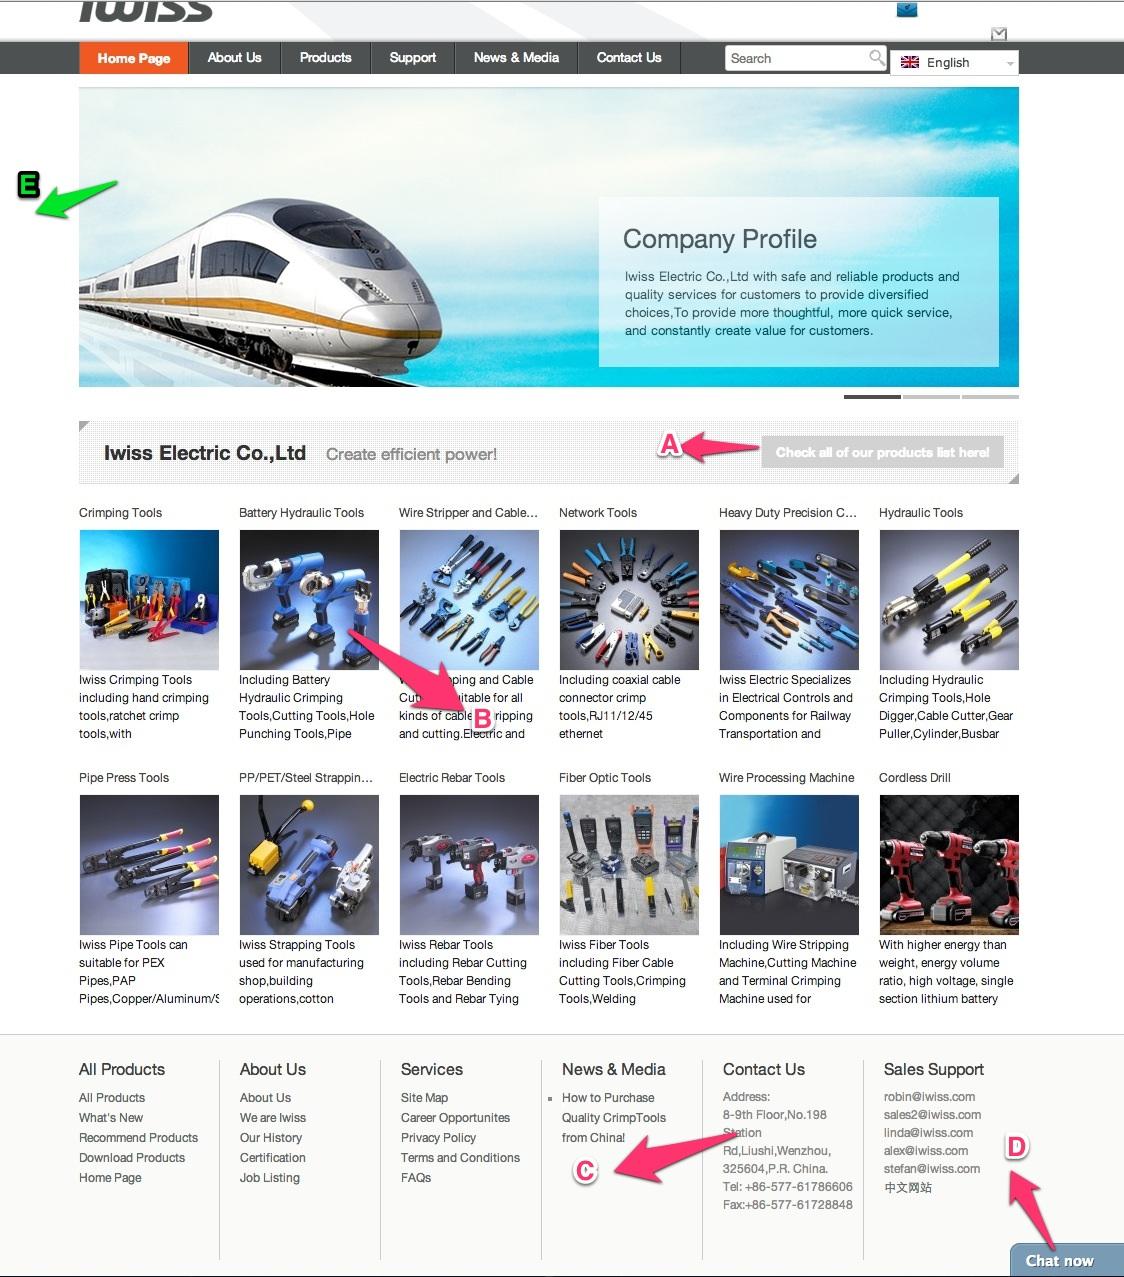 米课学员优秀营销型网站分析